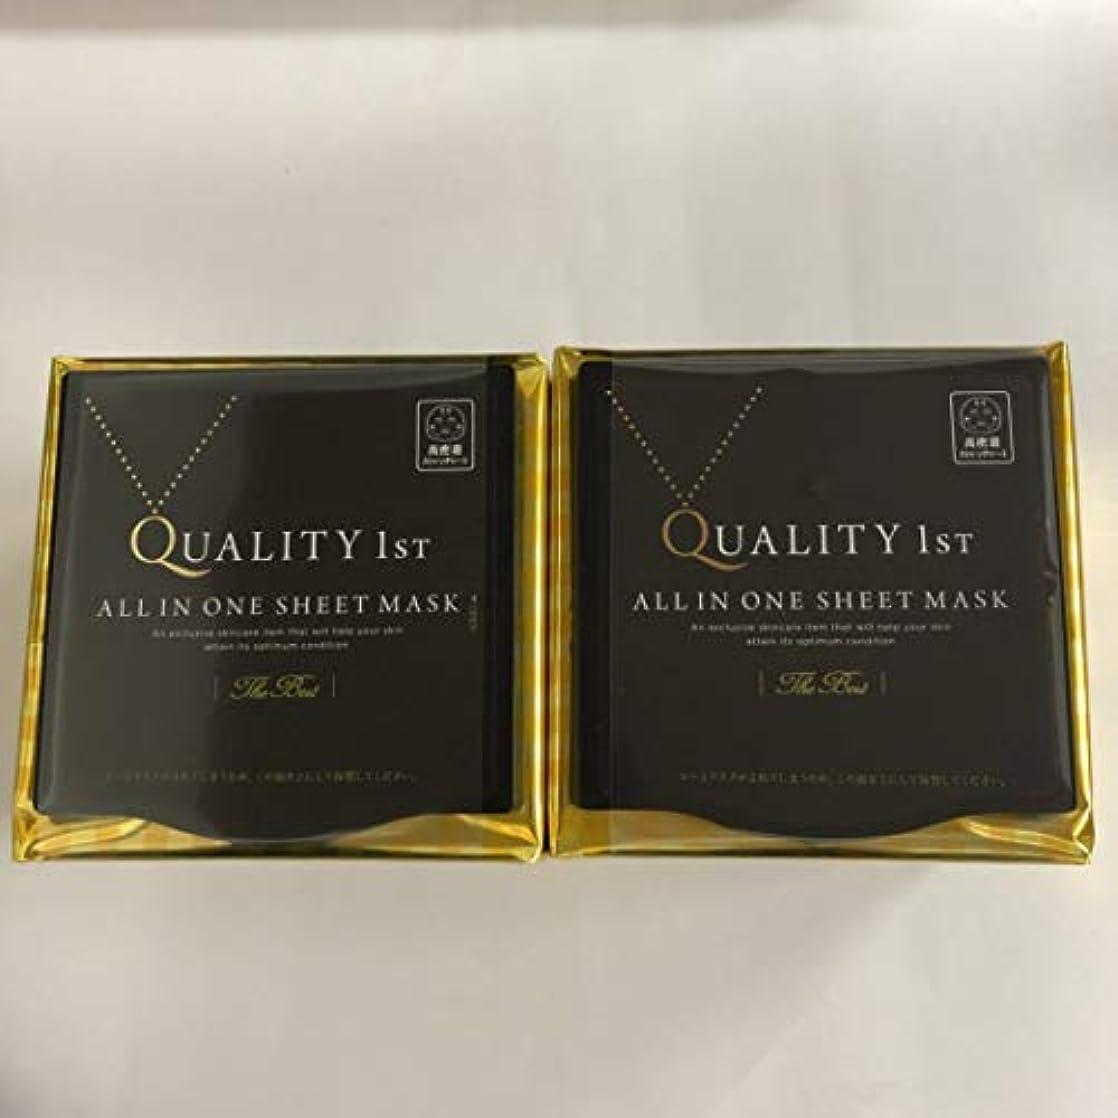 仕方メロディアスシュートオールインワンシートマスク ザ?ベストEX (30枚) BOX 2個セット+角質ケアサンプル2PC